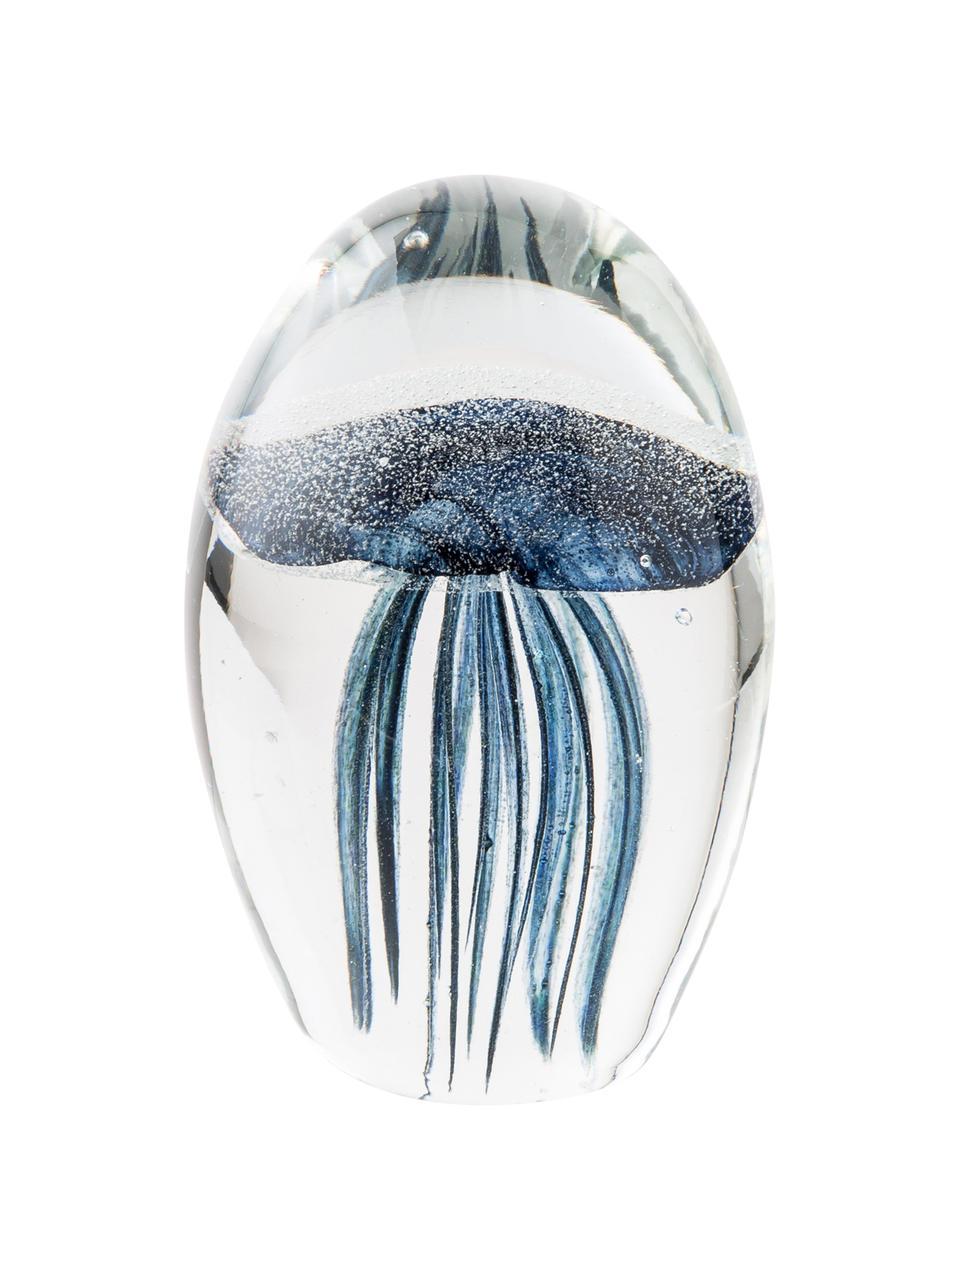 Dekoracja Tinti, Szkło, Niebieski, transparentny, Ø 7 x W 11 cm